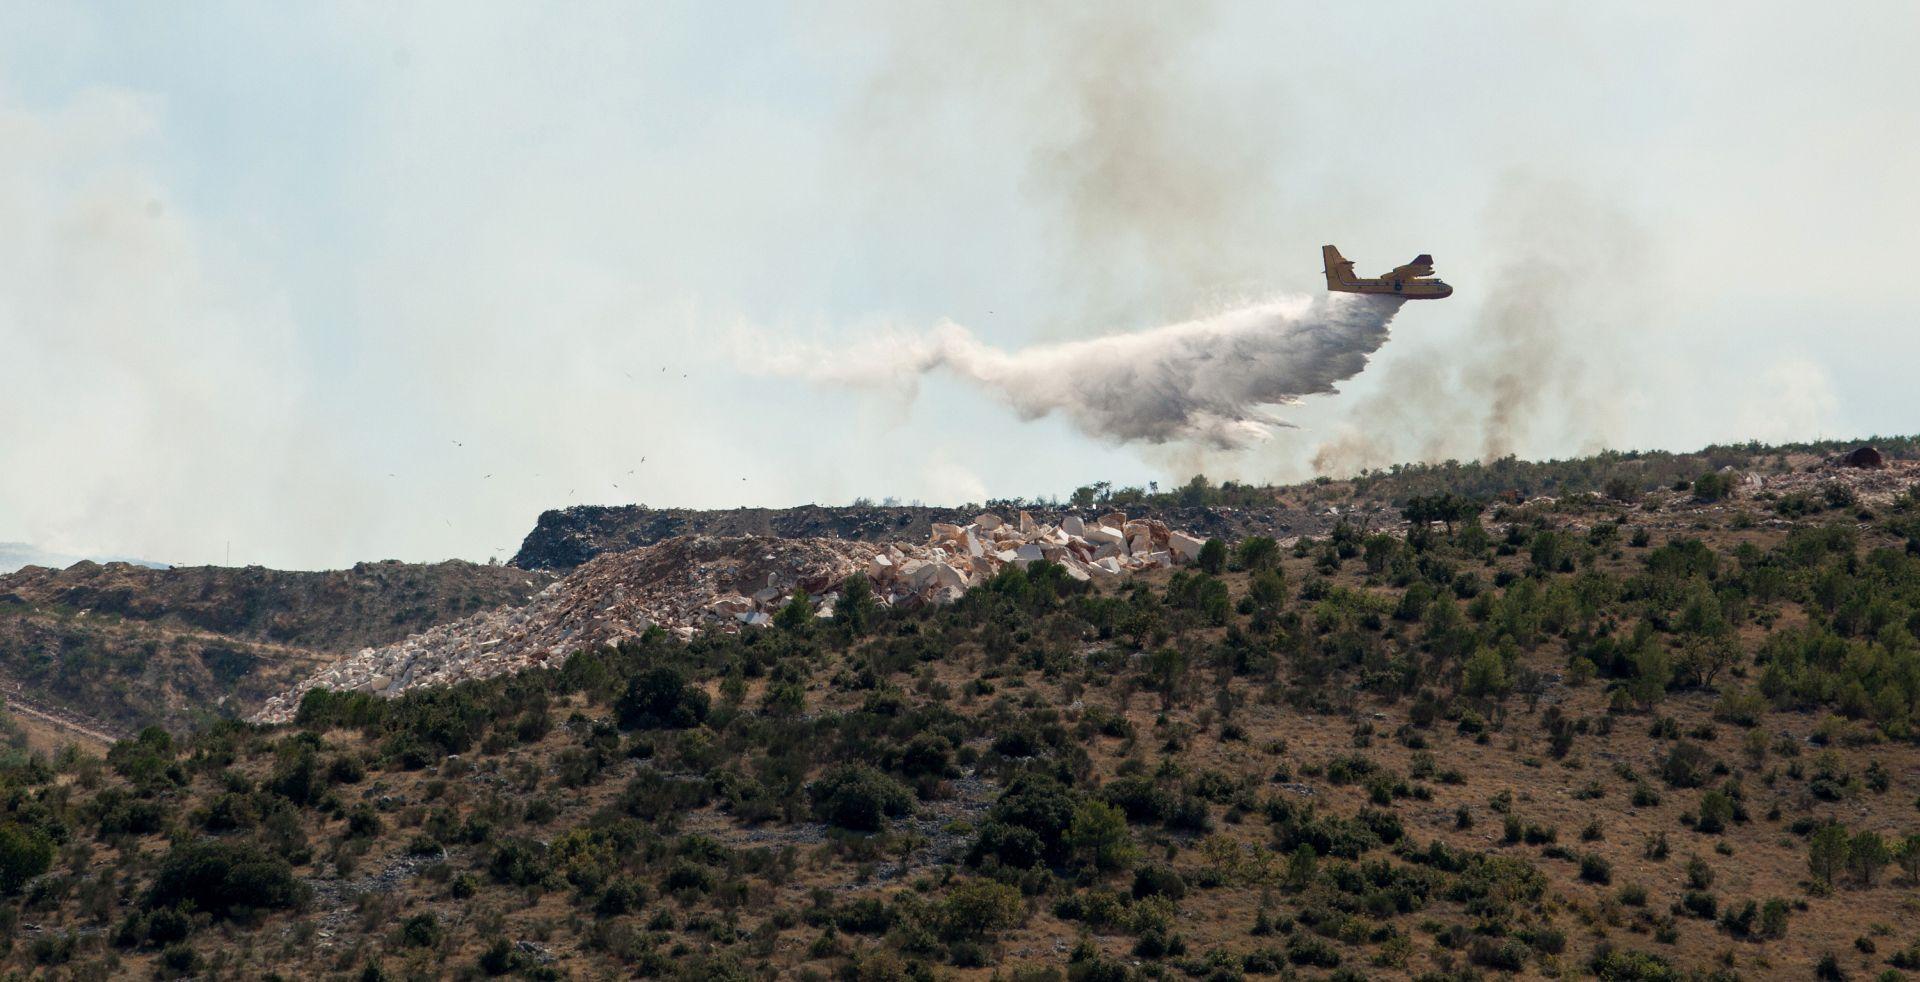 POŽAR KOD MUĆA: Izgorjelo 10 hektara borove šume